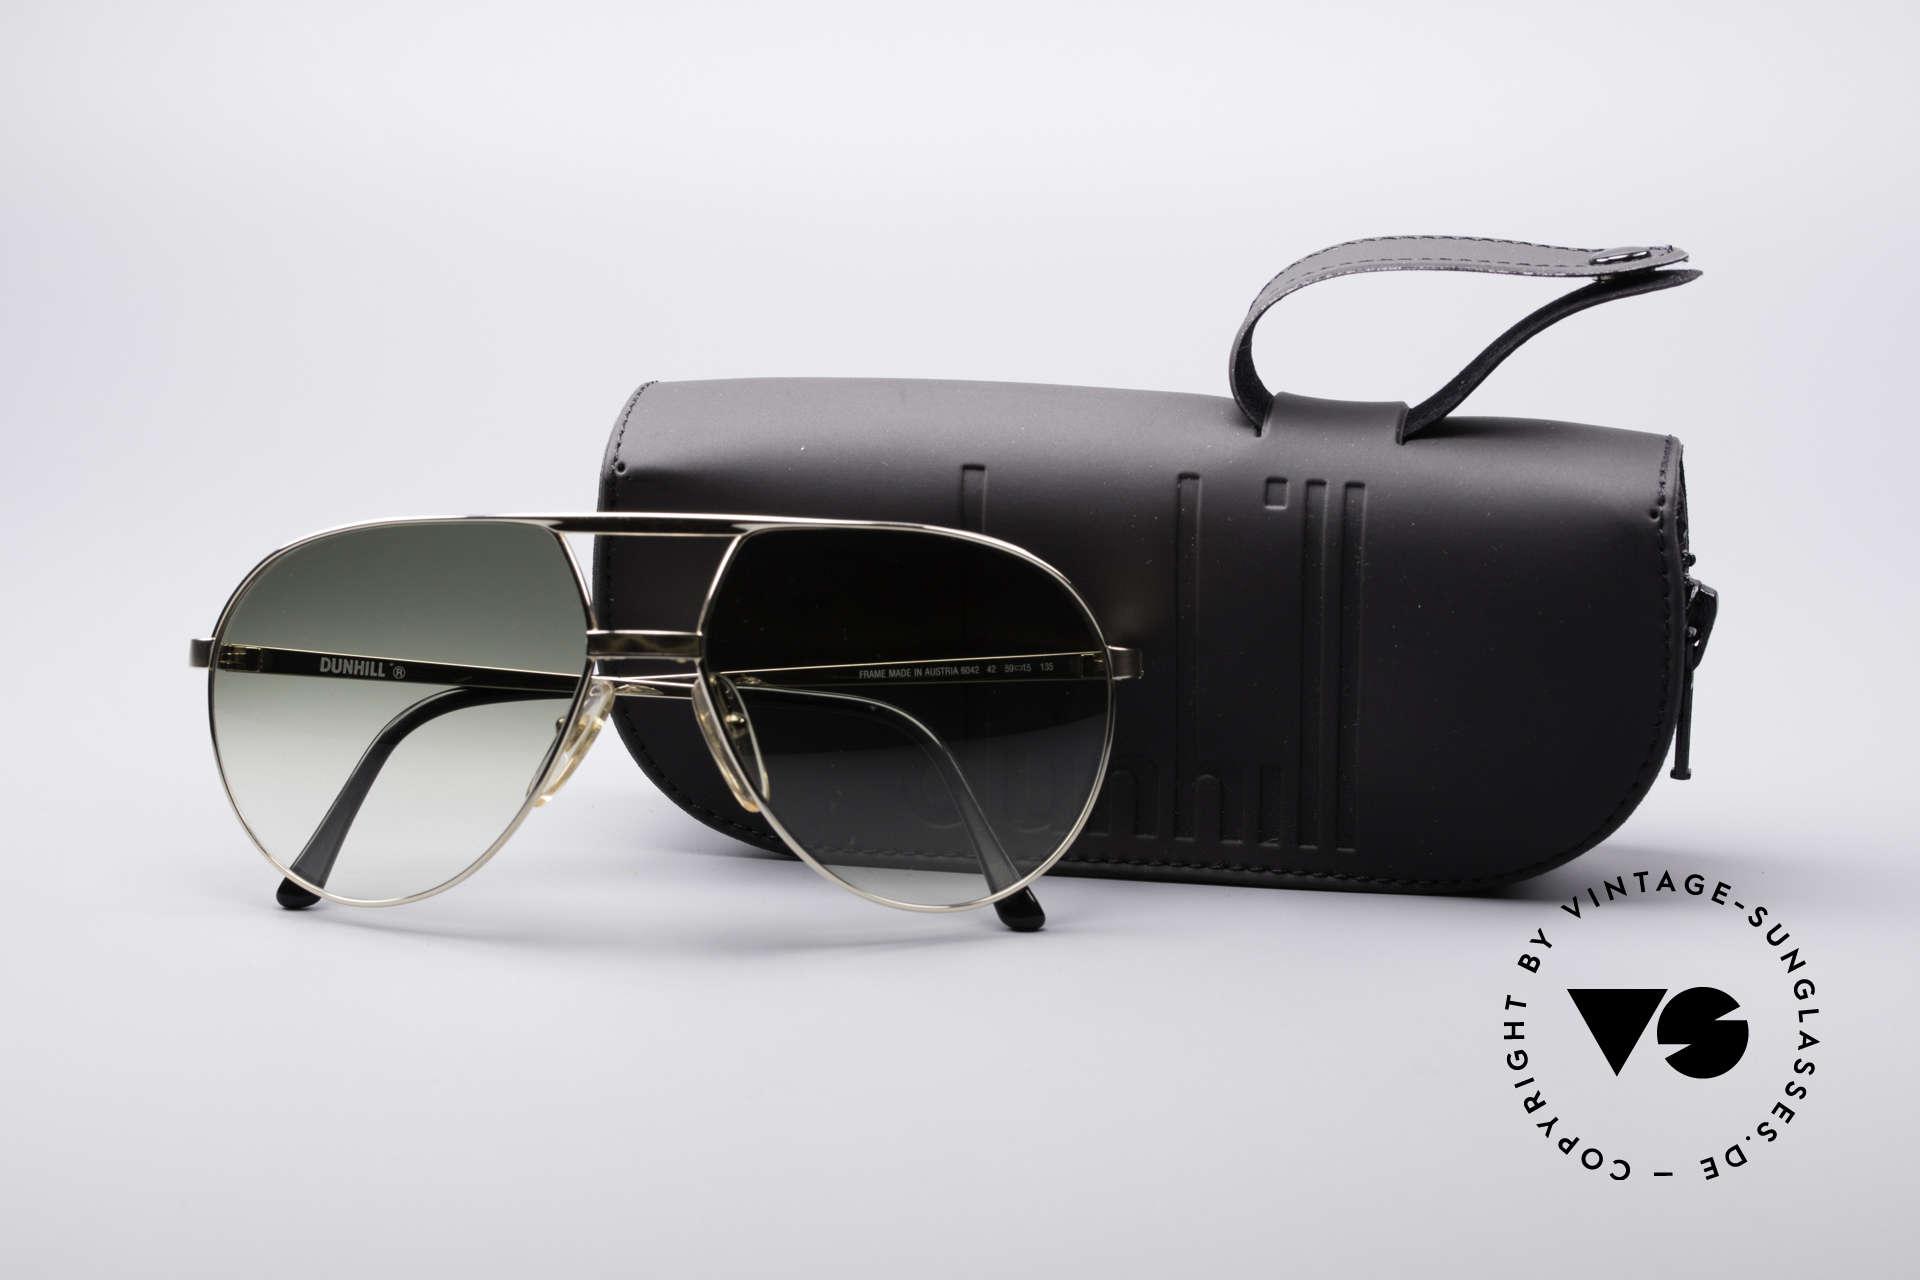 Dunhill 6042 80er Luxus Pilotenbrille Herren, KEINE retro Brille, sondern ein Original von 1987, Passend für Herren